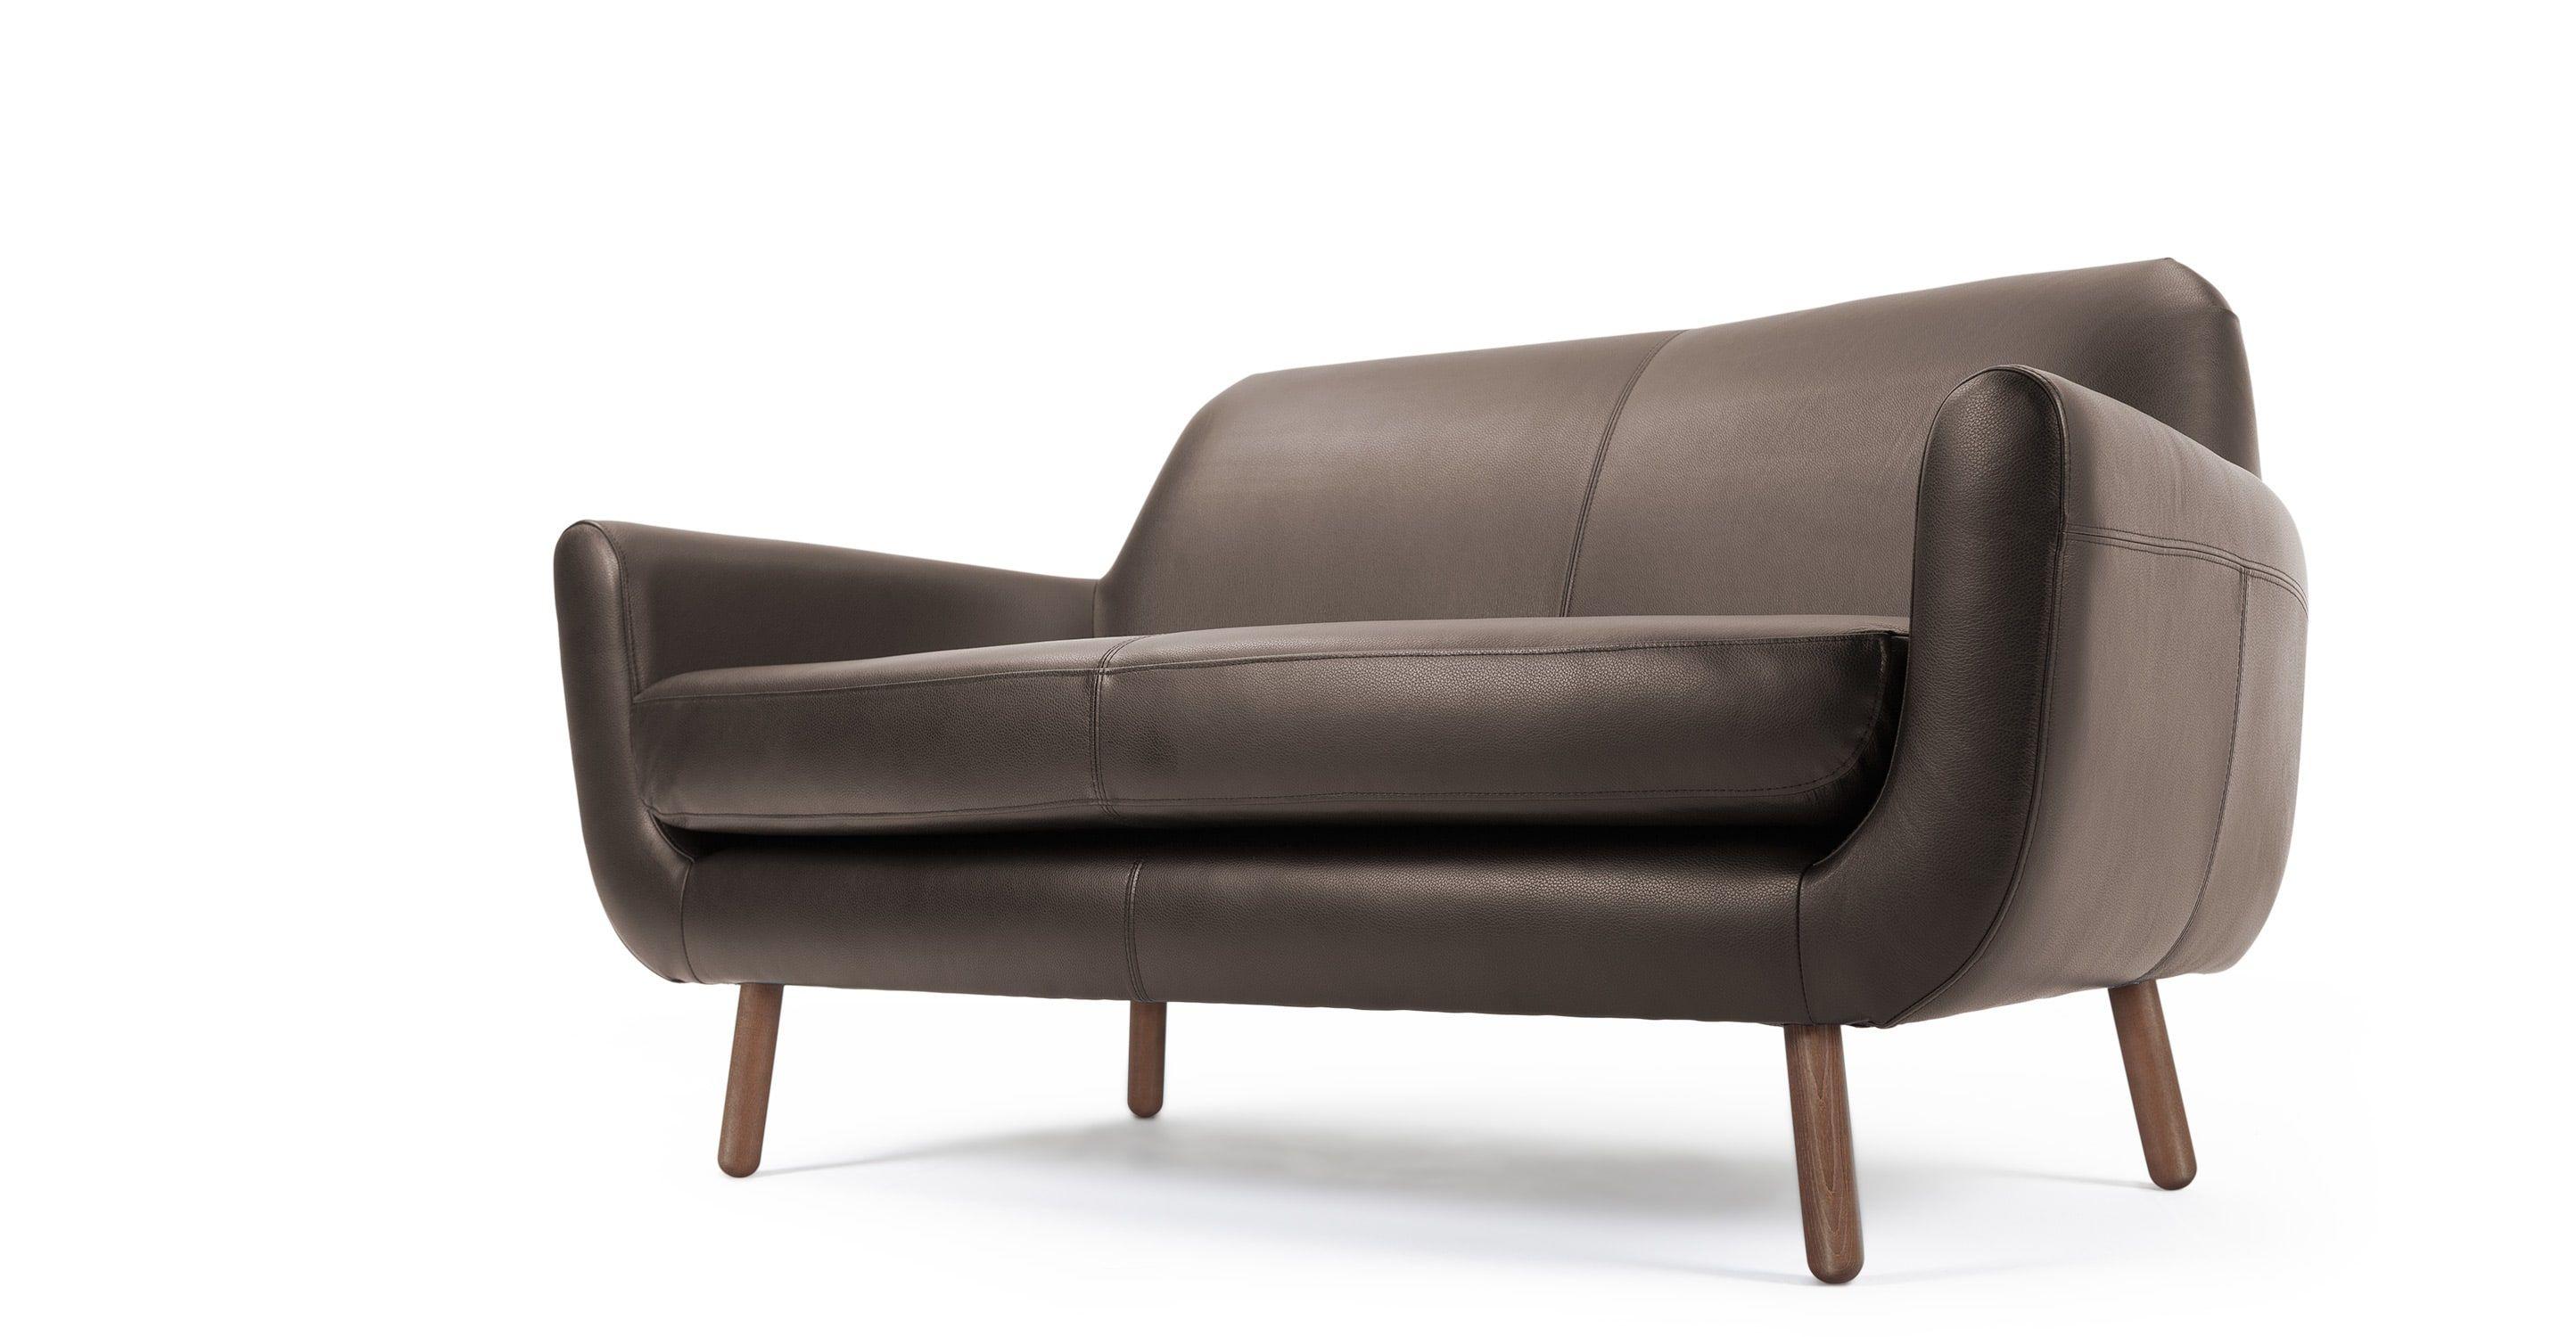 Schön Couch Braun Leder Das Beste Von